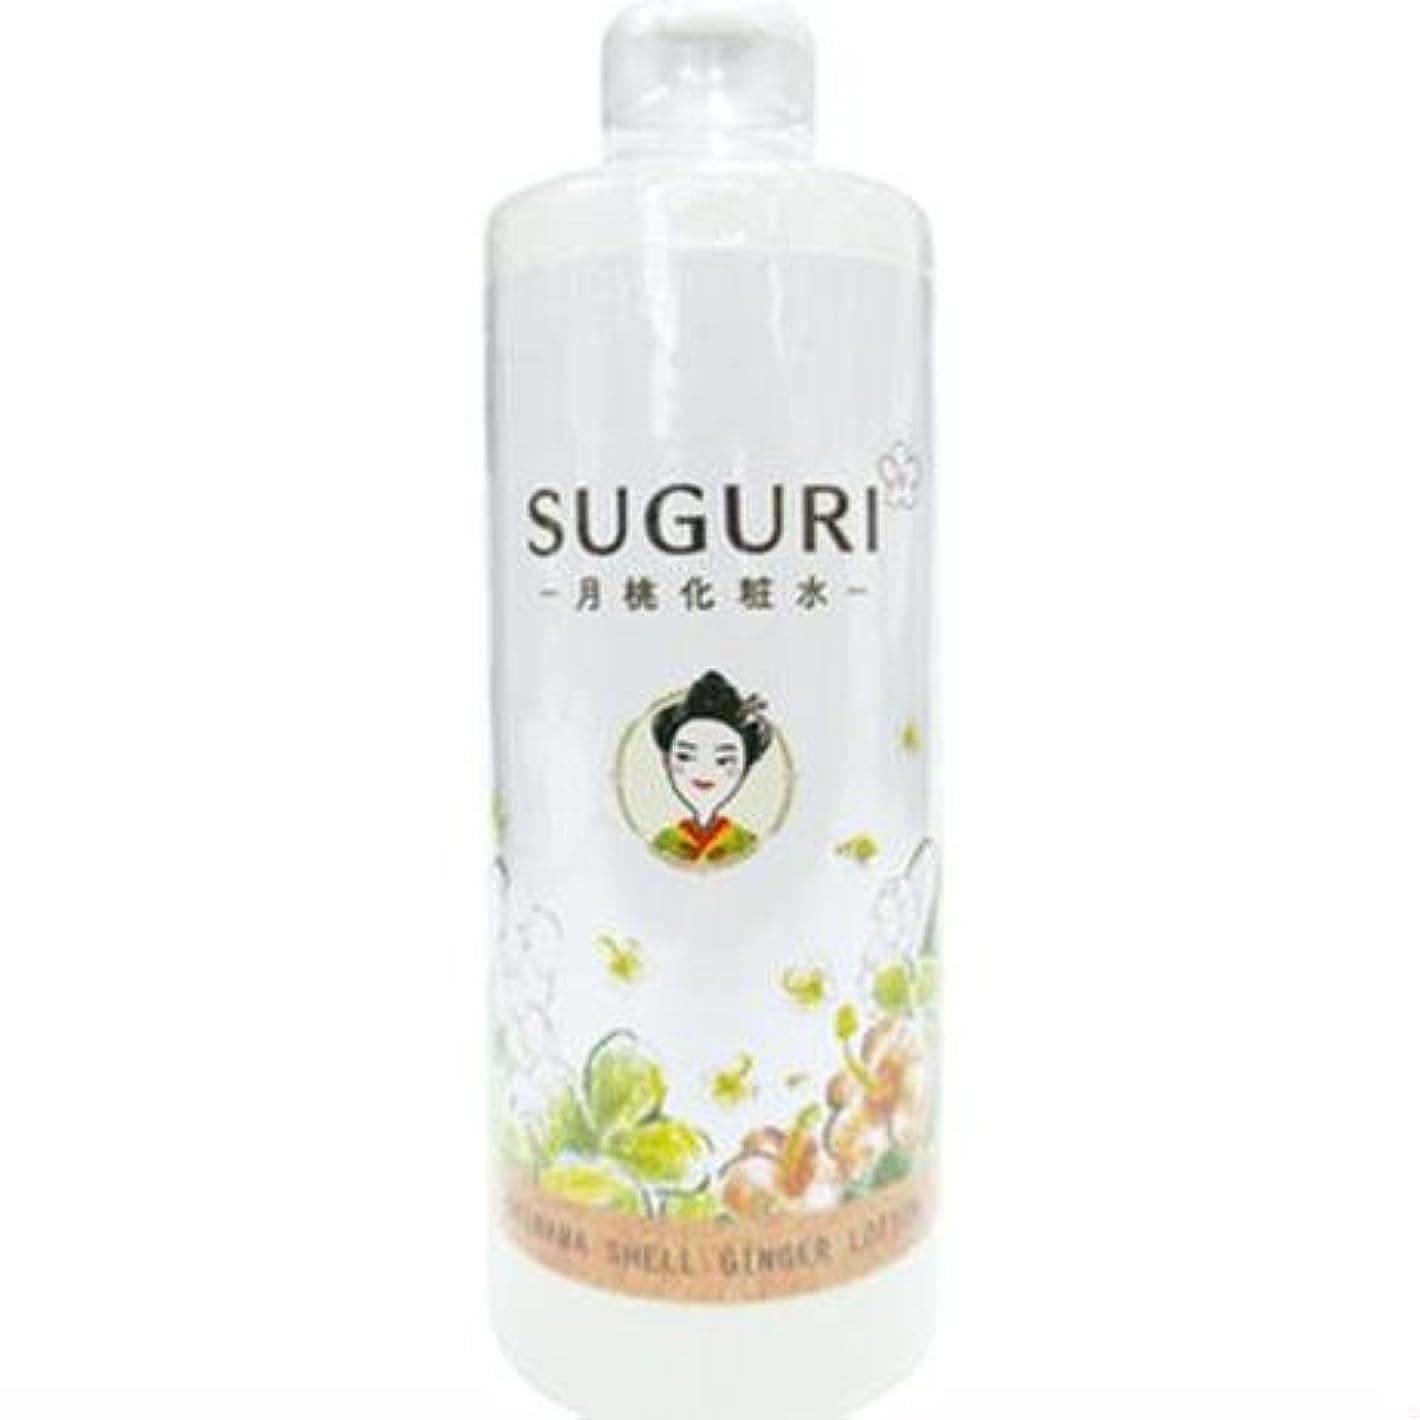 入手しますトースト顕現SUGURI(スグリ) 月桃化粧水 ゲットウ 300ml